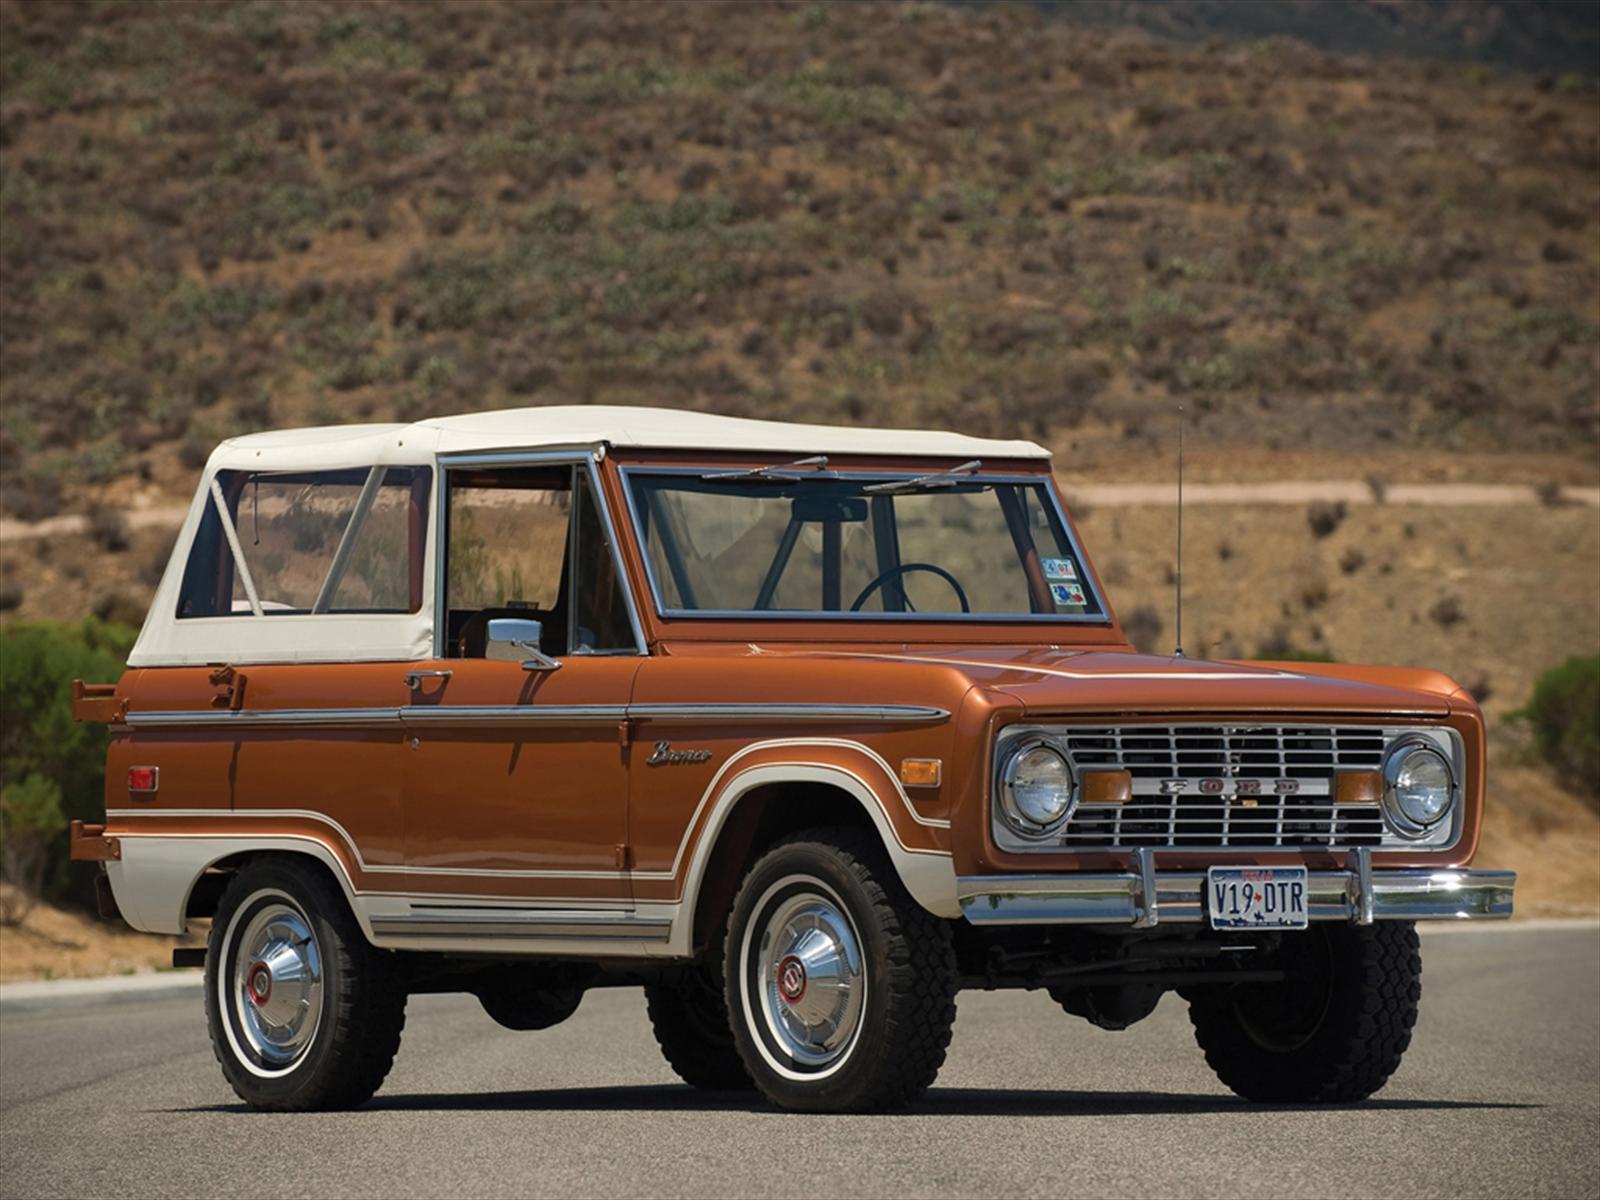 2016 Ford Bronco >> Confirmado, los Ford Bronco y Ranger serán producidos en EE.UU. - Autocosmos.com